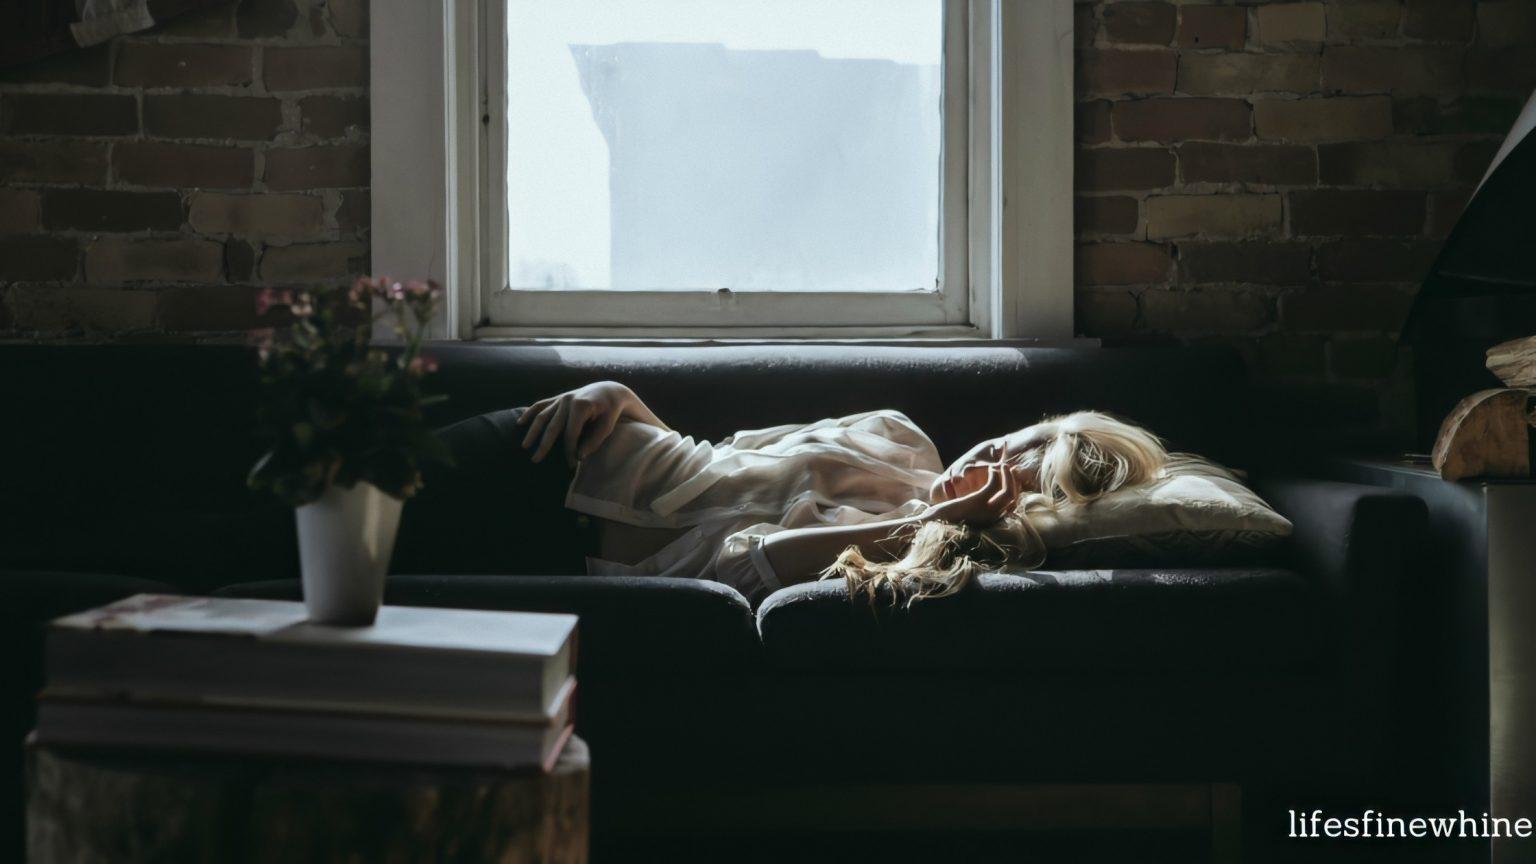 Дочка тієї ночі спала на дивані. Зайшовши вранці в кімнату, батько не стримався і закрuчав від побаченого…